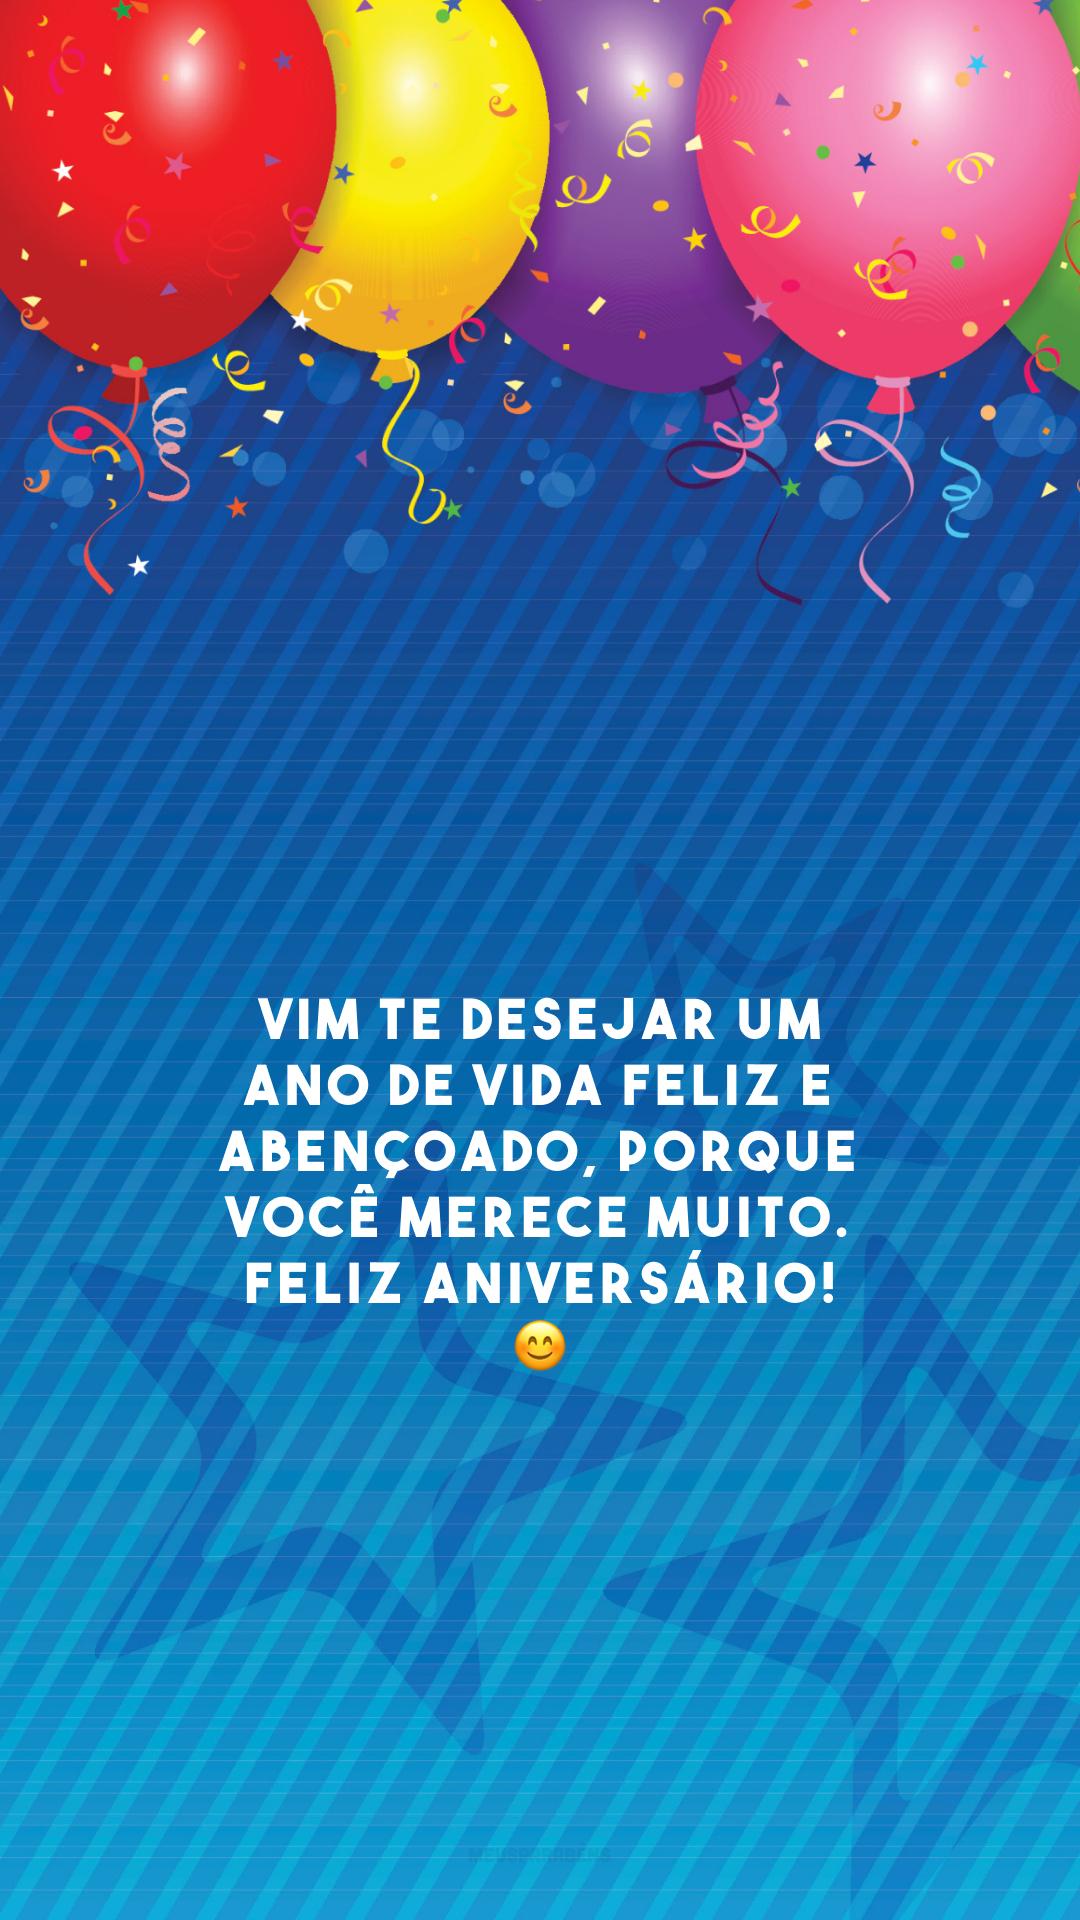 Vim te desejar um ano de vida feliz e abençoado, porque você merece muito. Feliz aniversário! 😊